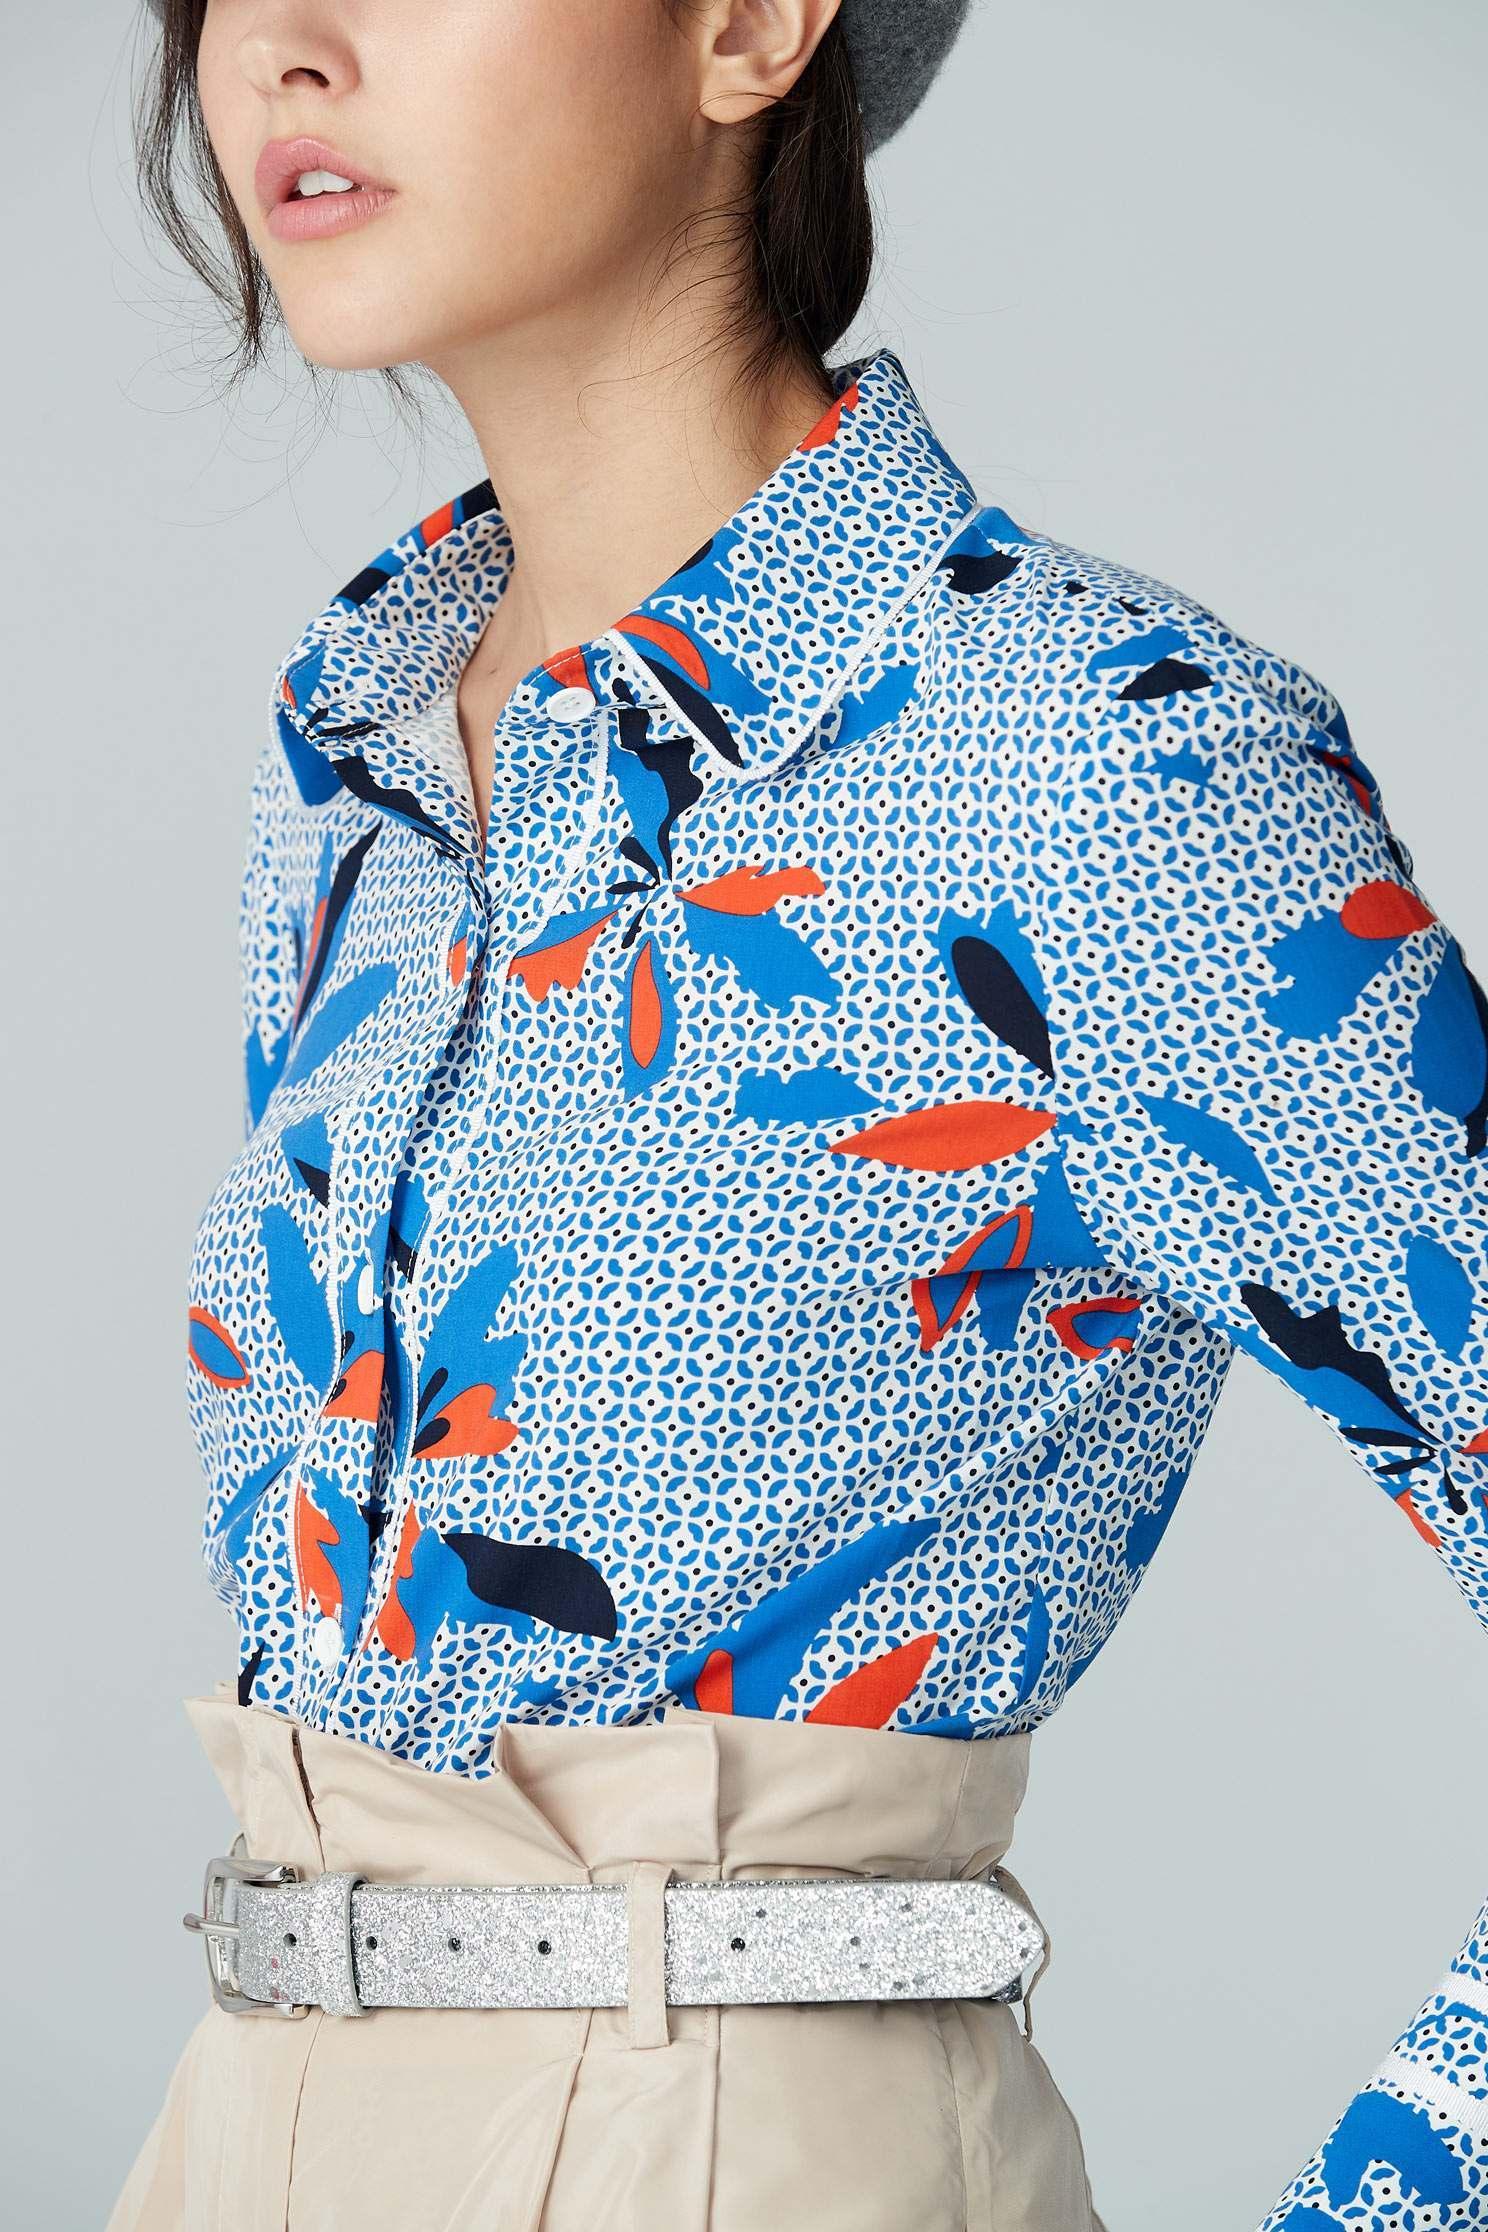 flower pattern chiffon blouse,Top,Rayon,Blouse,長袖上衣,Chiffon,Chiffon top